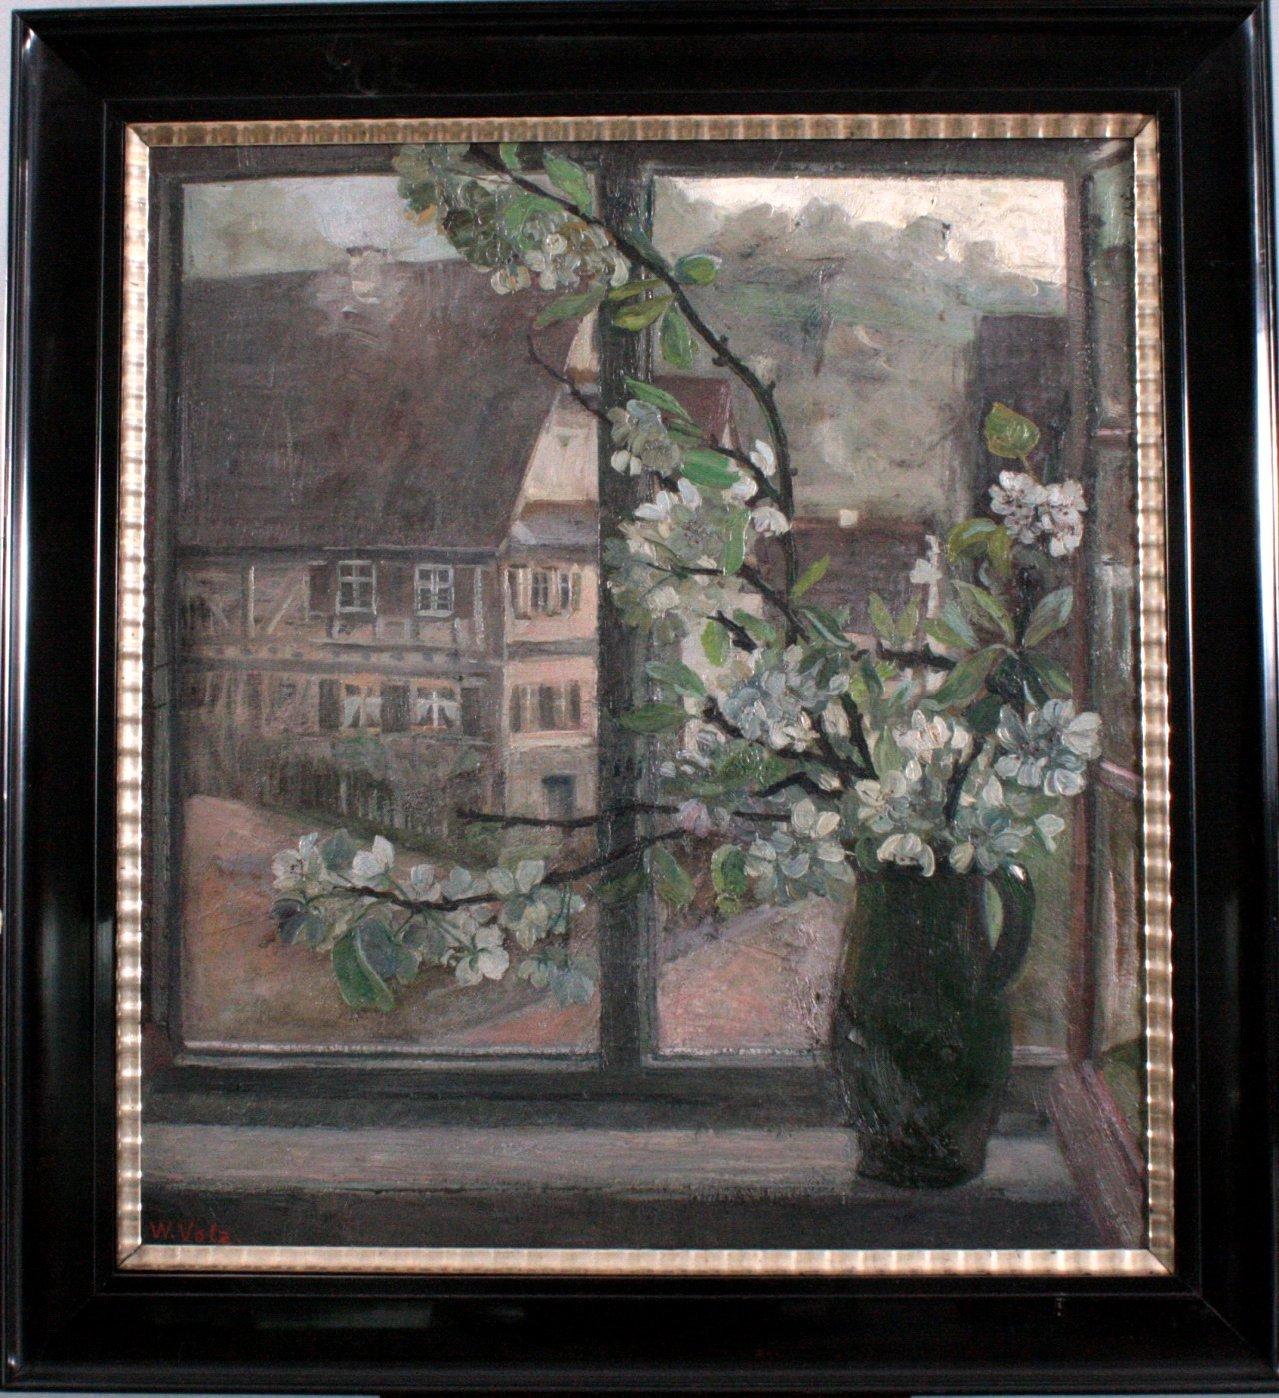 W. Volz (1855-1901), Fensterblick mit Fachwerkaus und Blumen